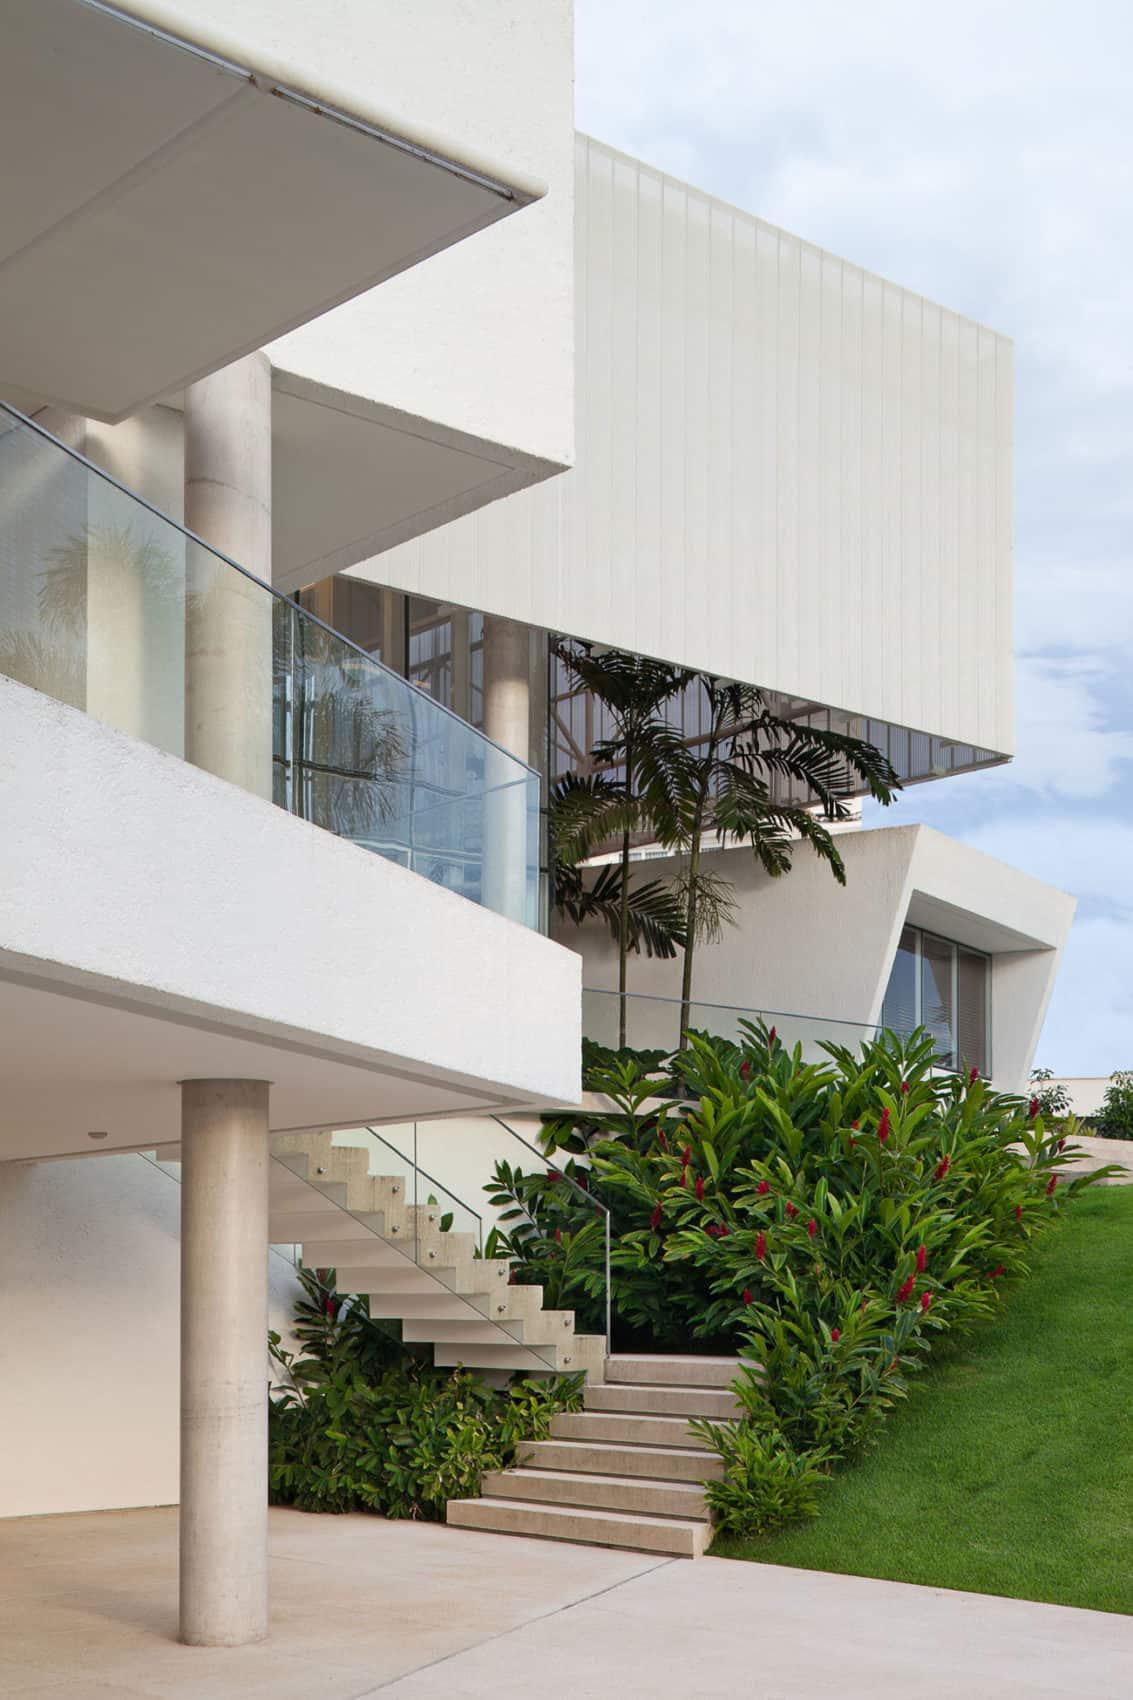 House in Lago Sul QI 25 by Sérgio Parada Arquitetos (5)